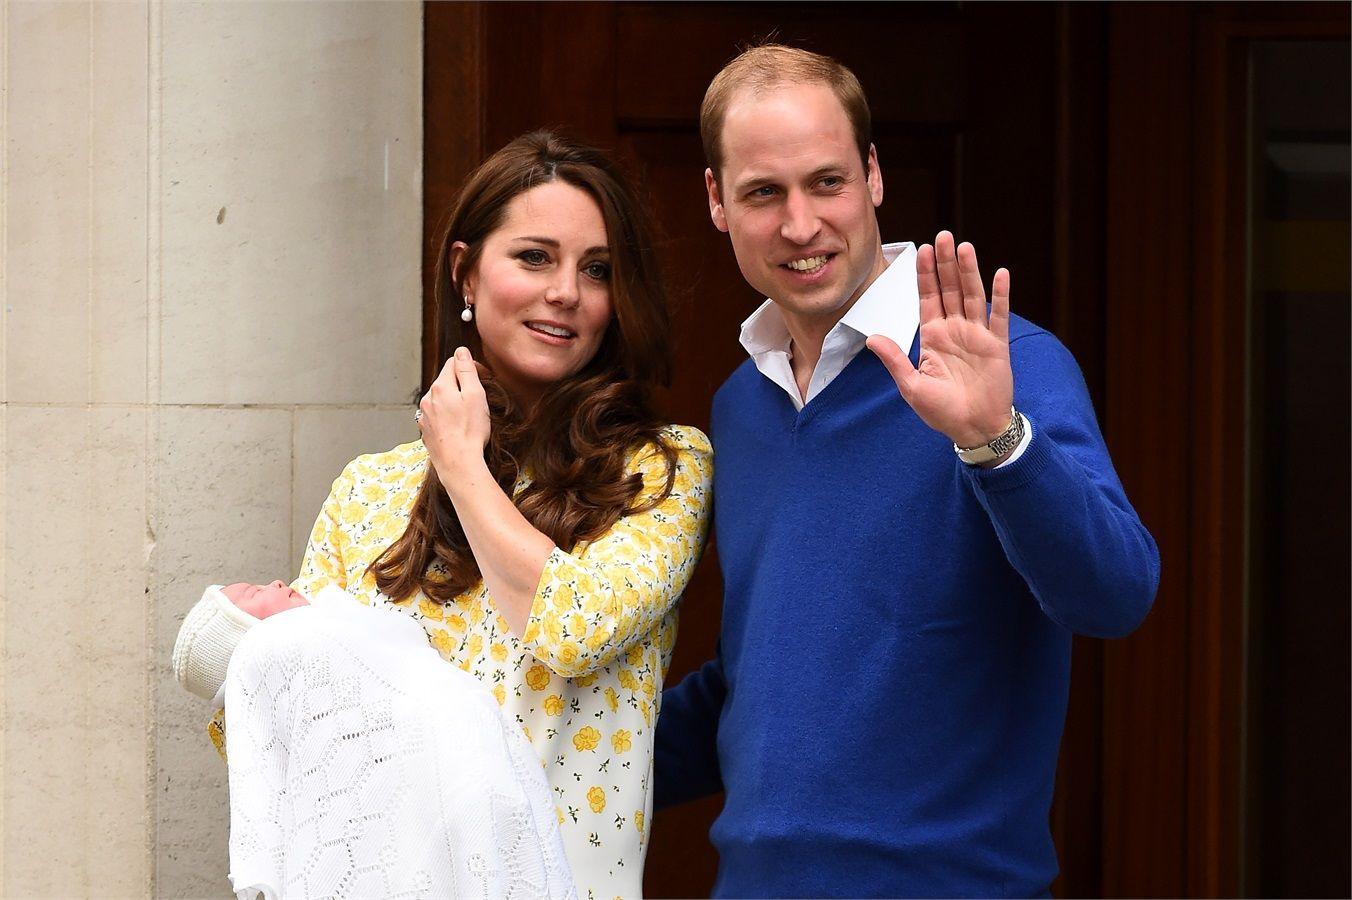 Kate Middleton è uscita dall'ospedale, le prime foto della secondogenita dei duchi di Cambridge - VanityFair.it